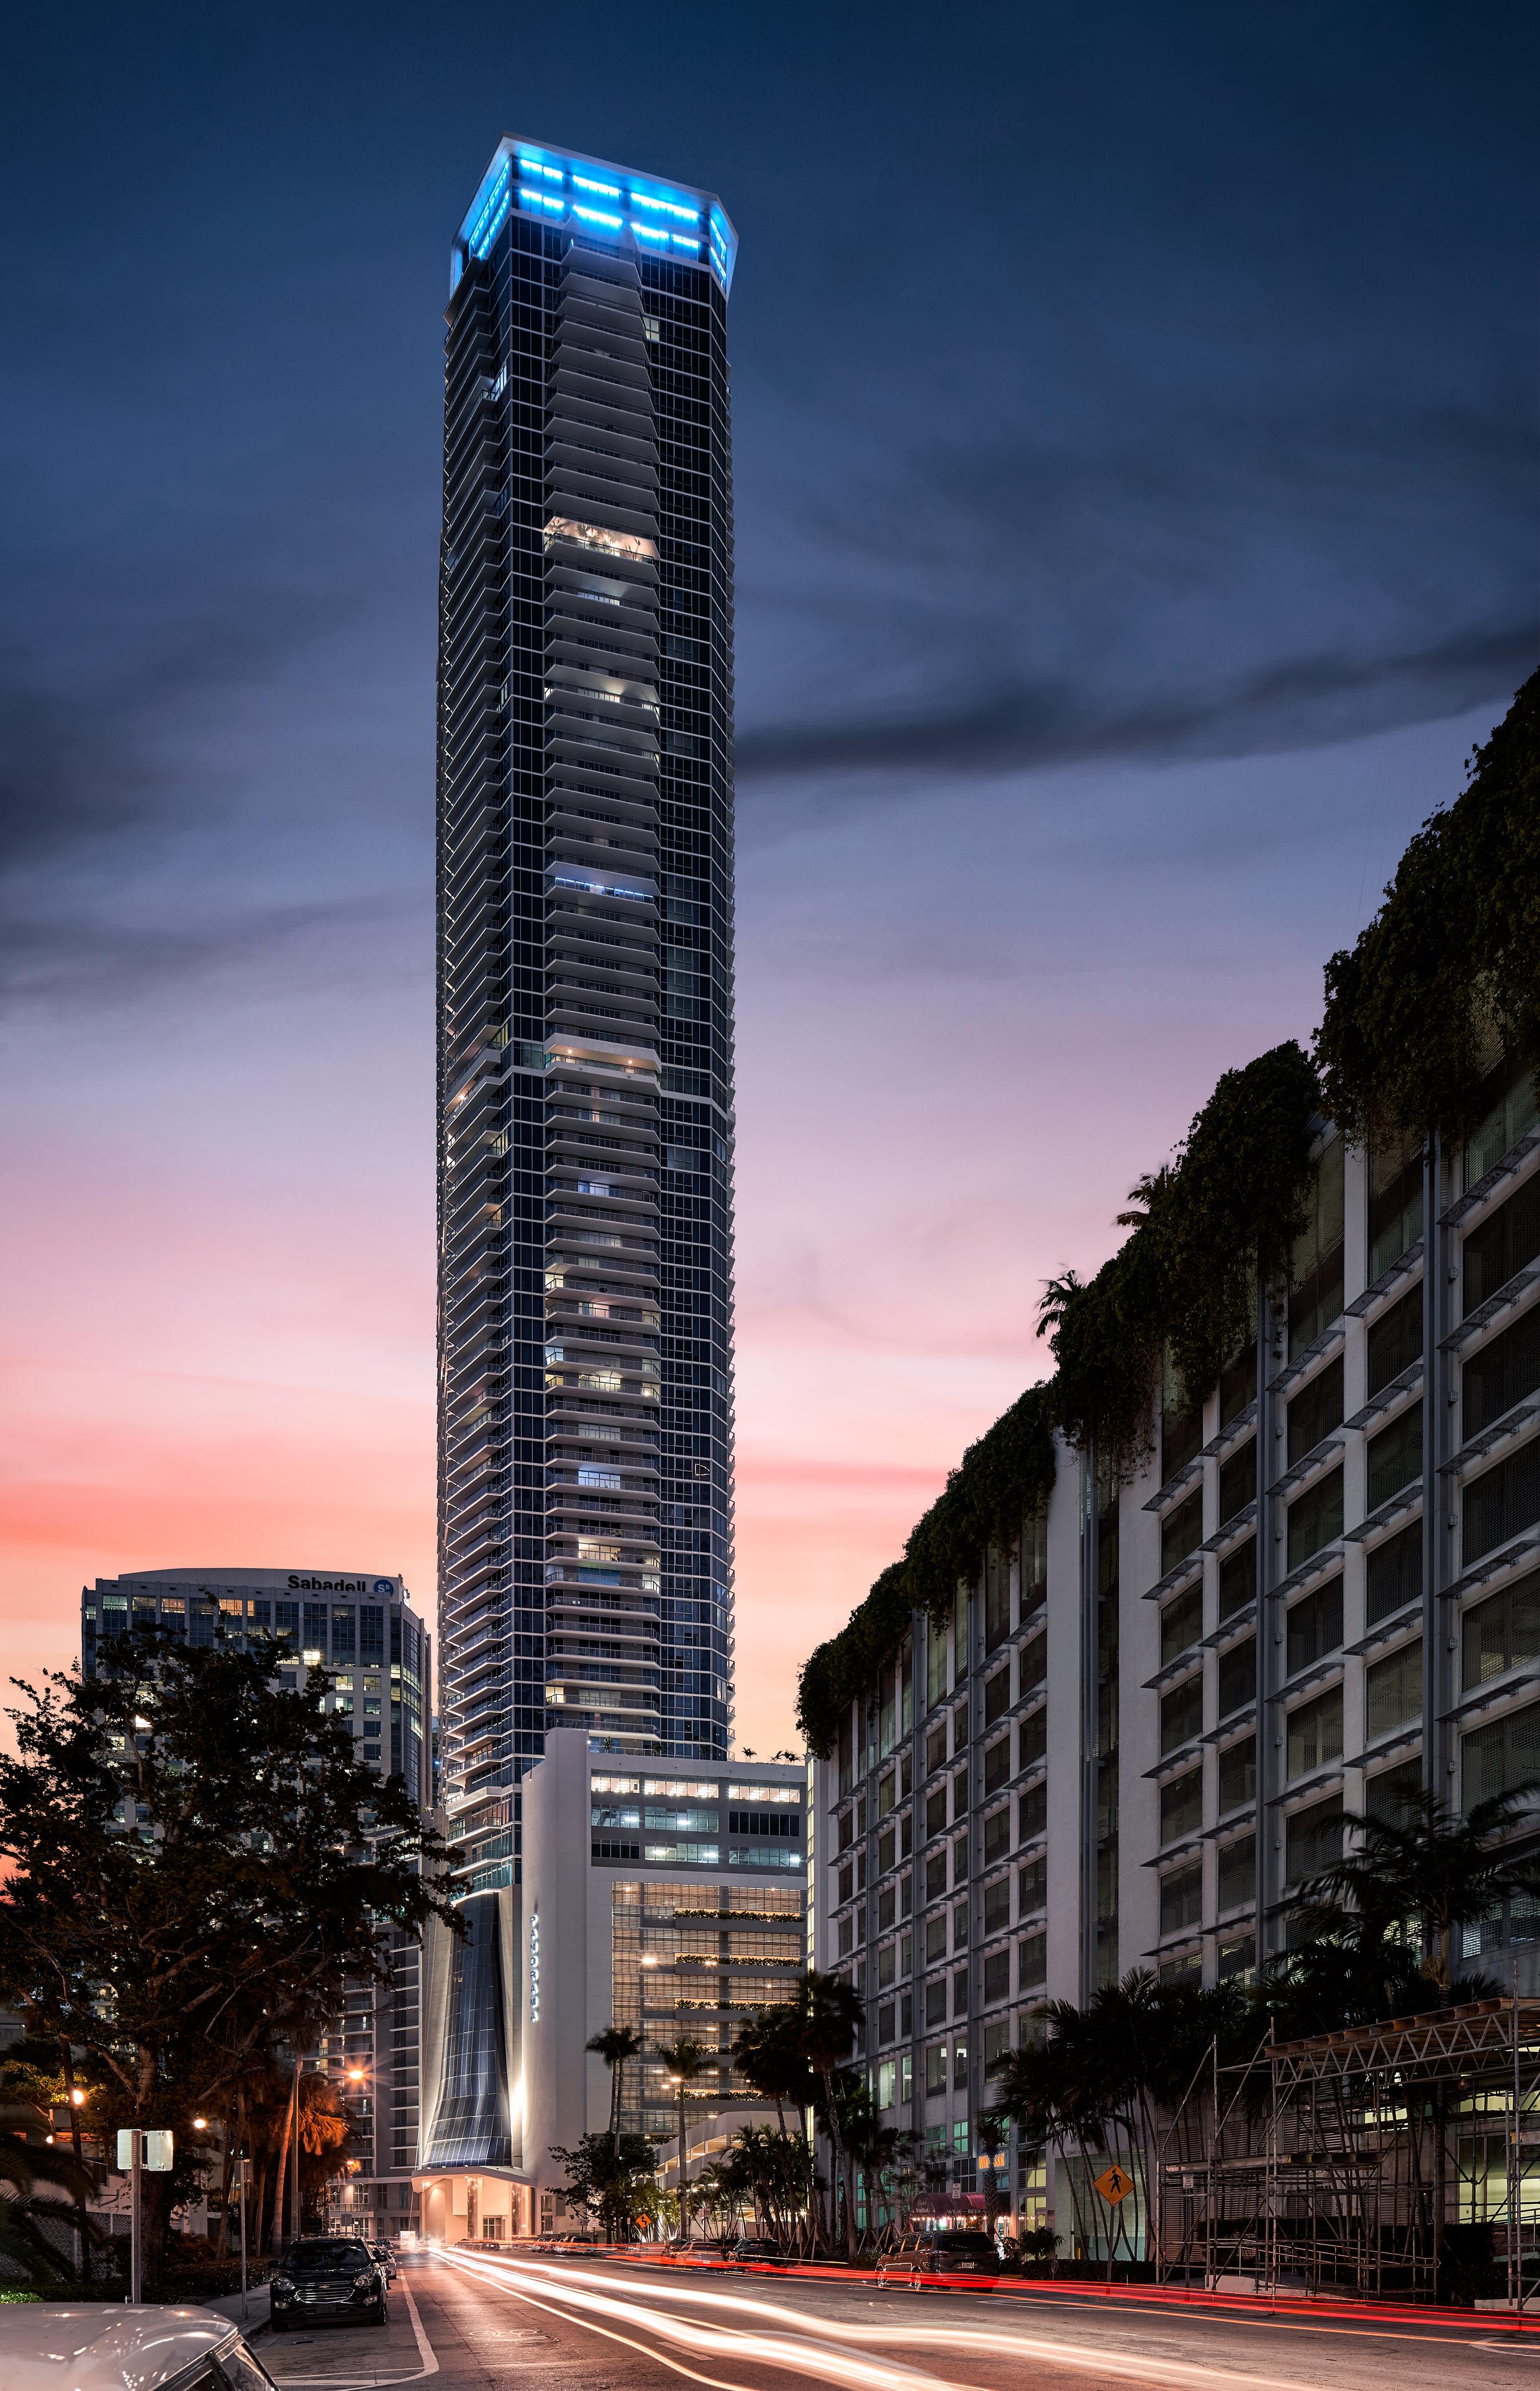 Panorama Tower: Brickell, Miami